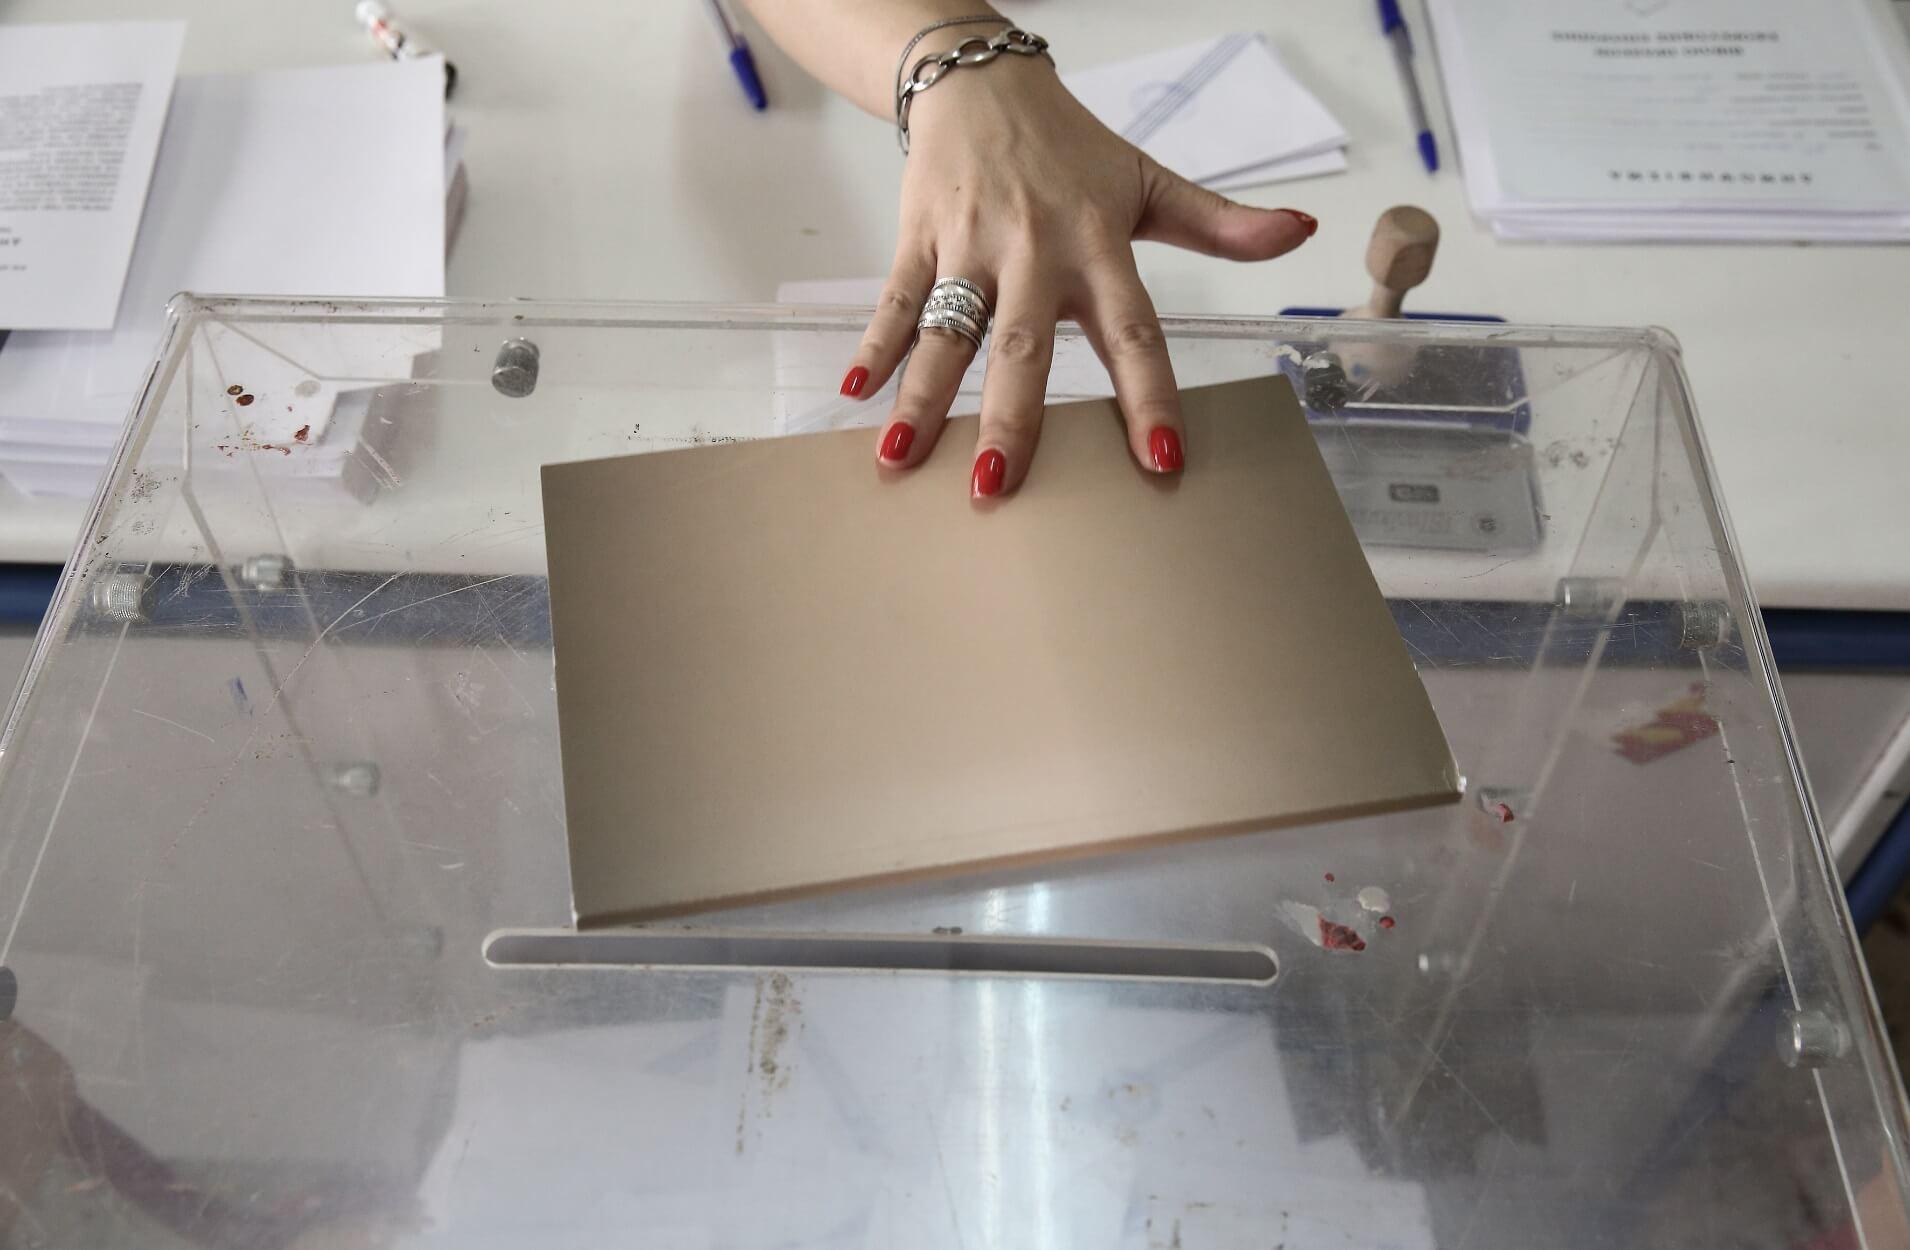 Ευρωεκλογές 2019: Που ψηφίζω – Μάθε που ψηφίζεις στην εφαρμογή του ΥΠΕΣ